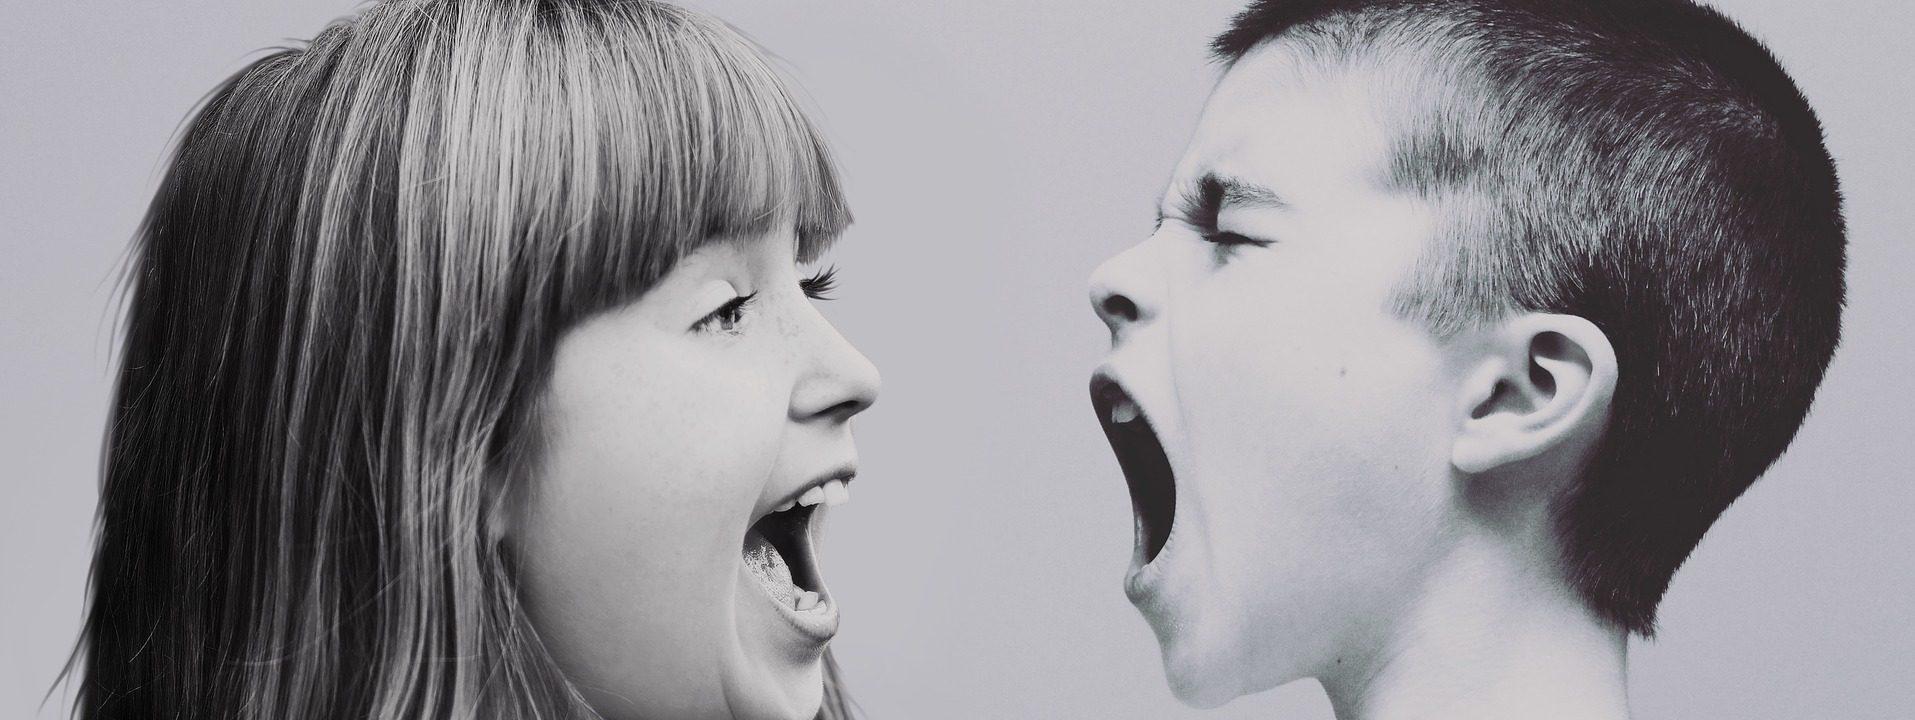 Niñ@s y adolescentes tiranos